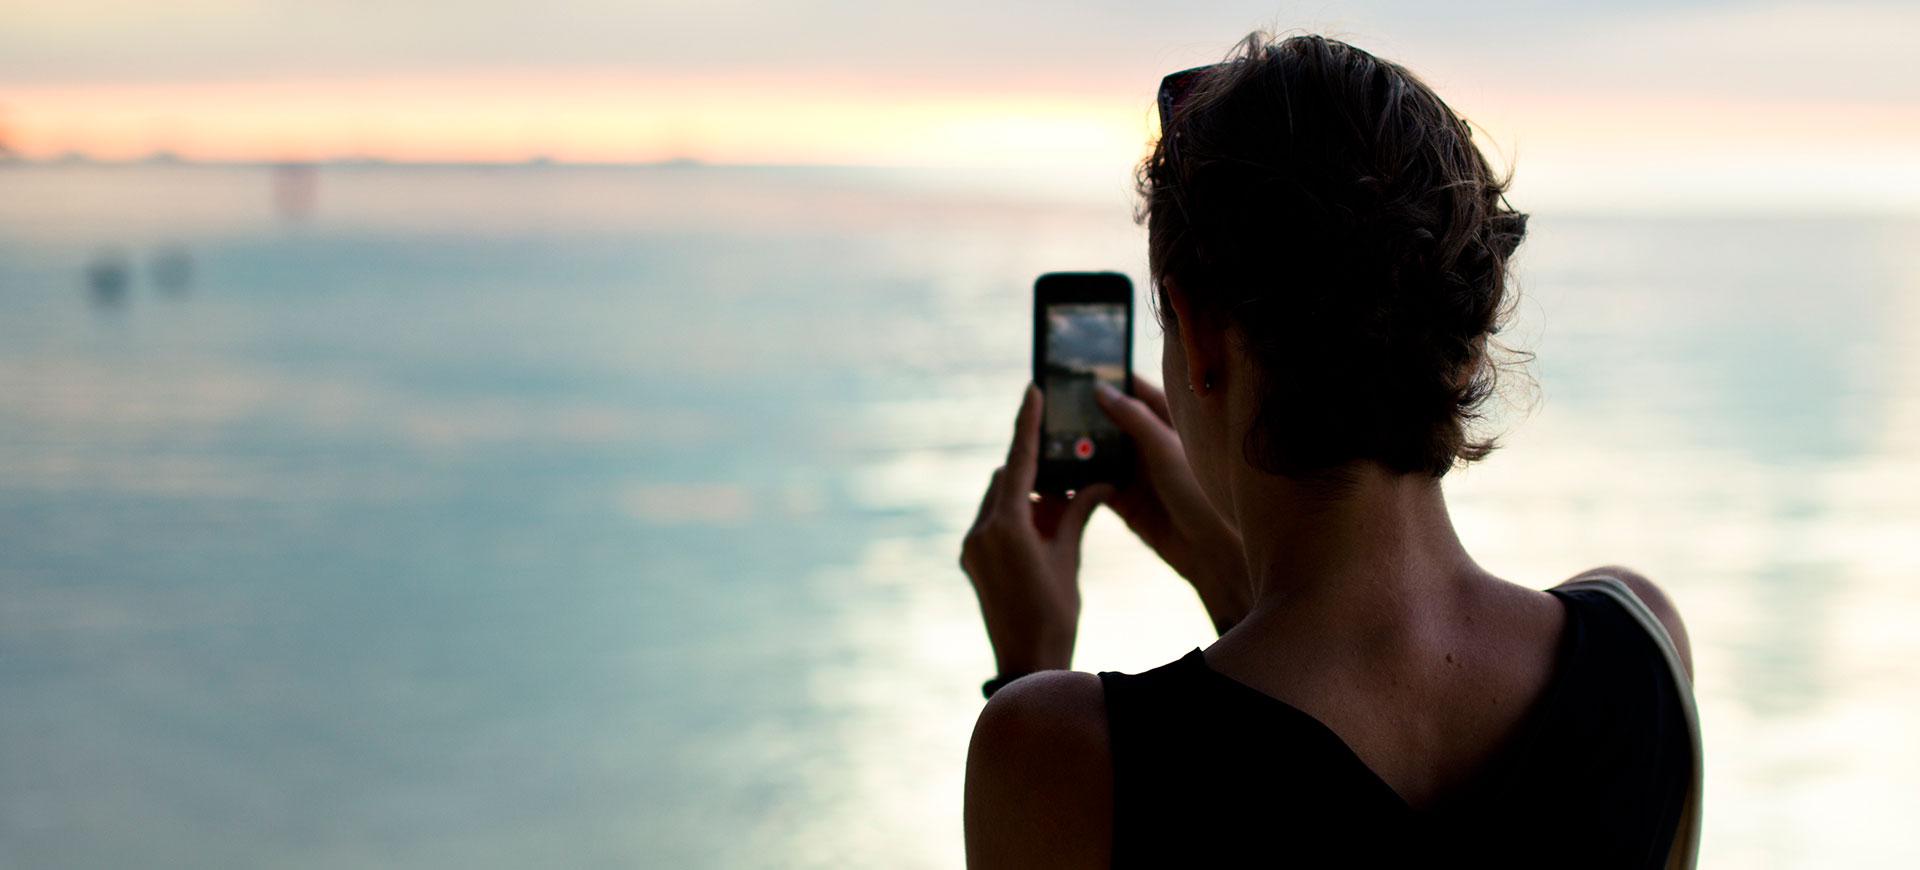 Vill du få mer utrymme på din Iphone gratis? Här är det smartaste hacket